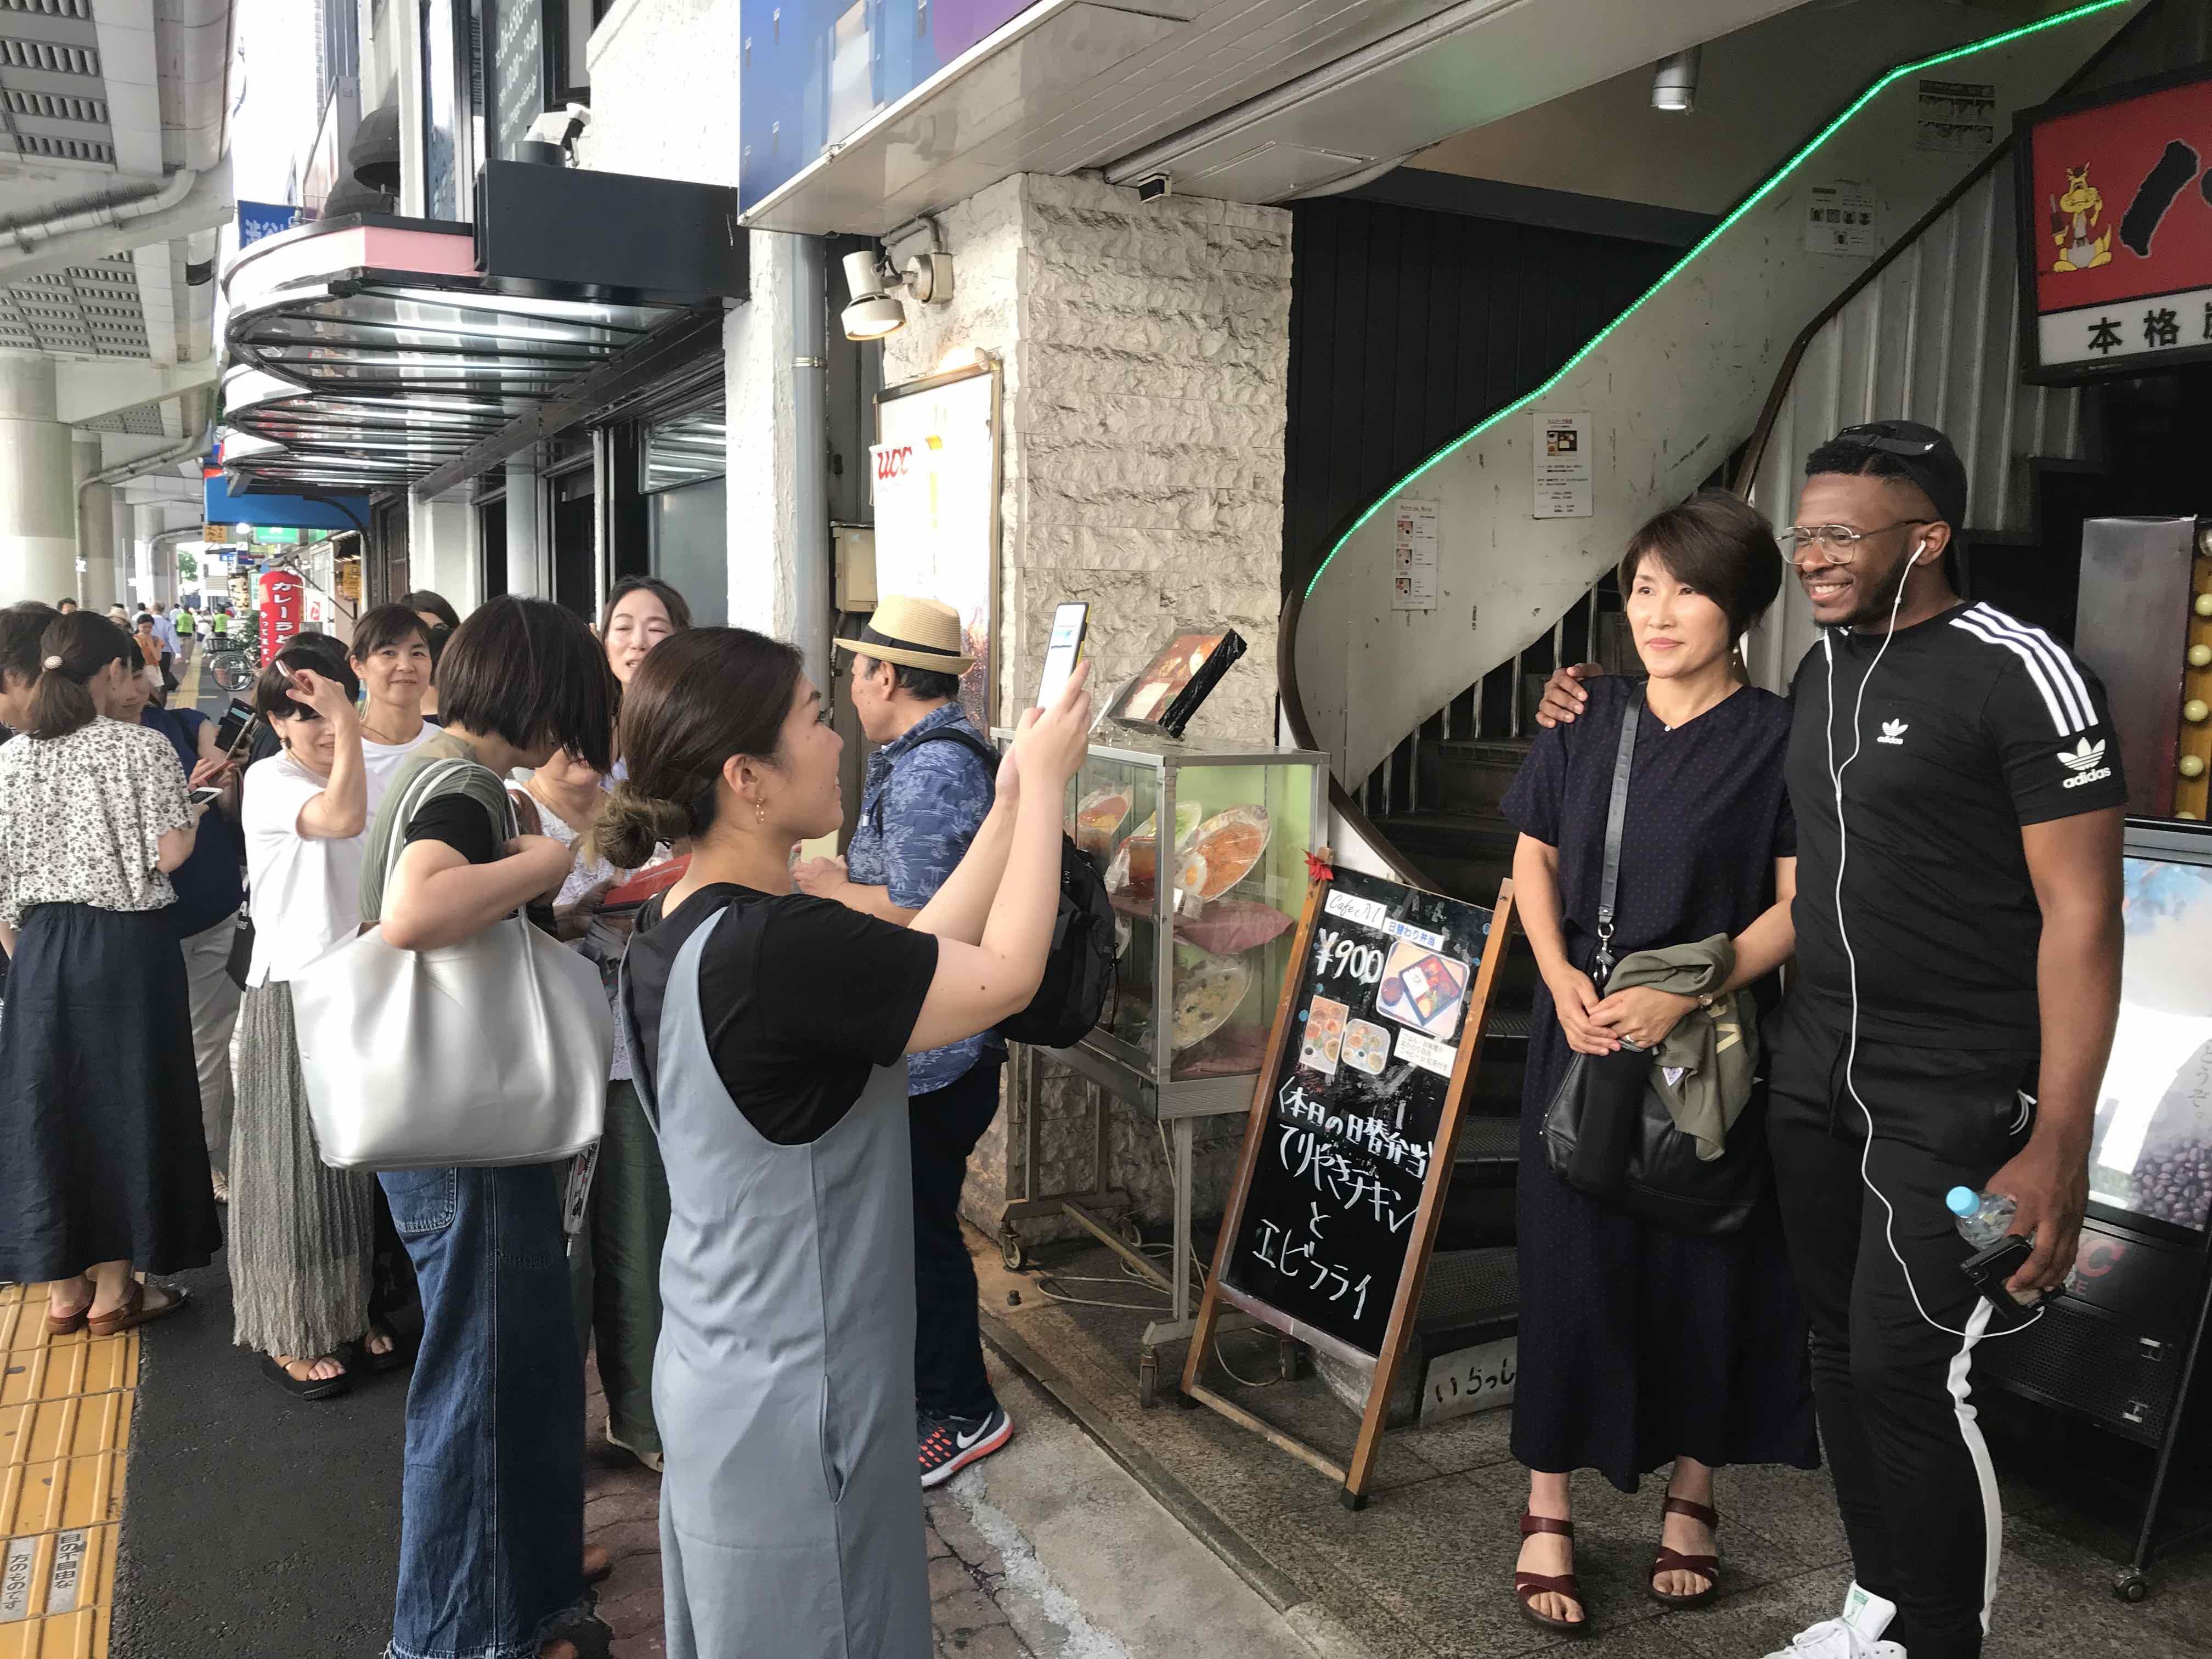 難波なんばで行われたビンセントさんのゴスペルワークショップ後、外で参加者と写真をとるビンセントさんの様子